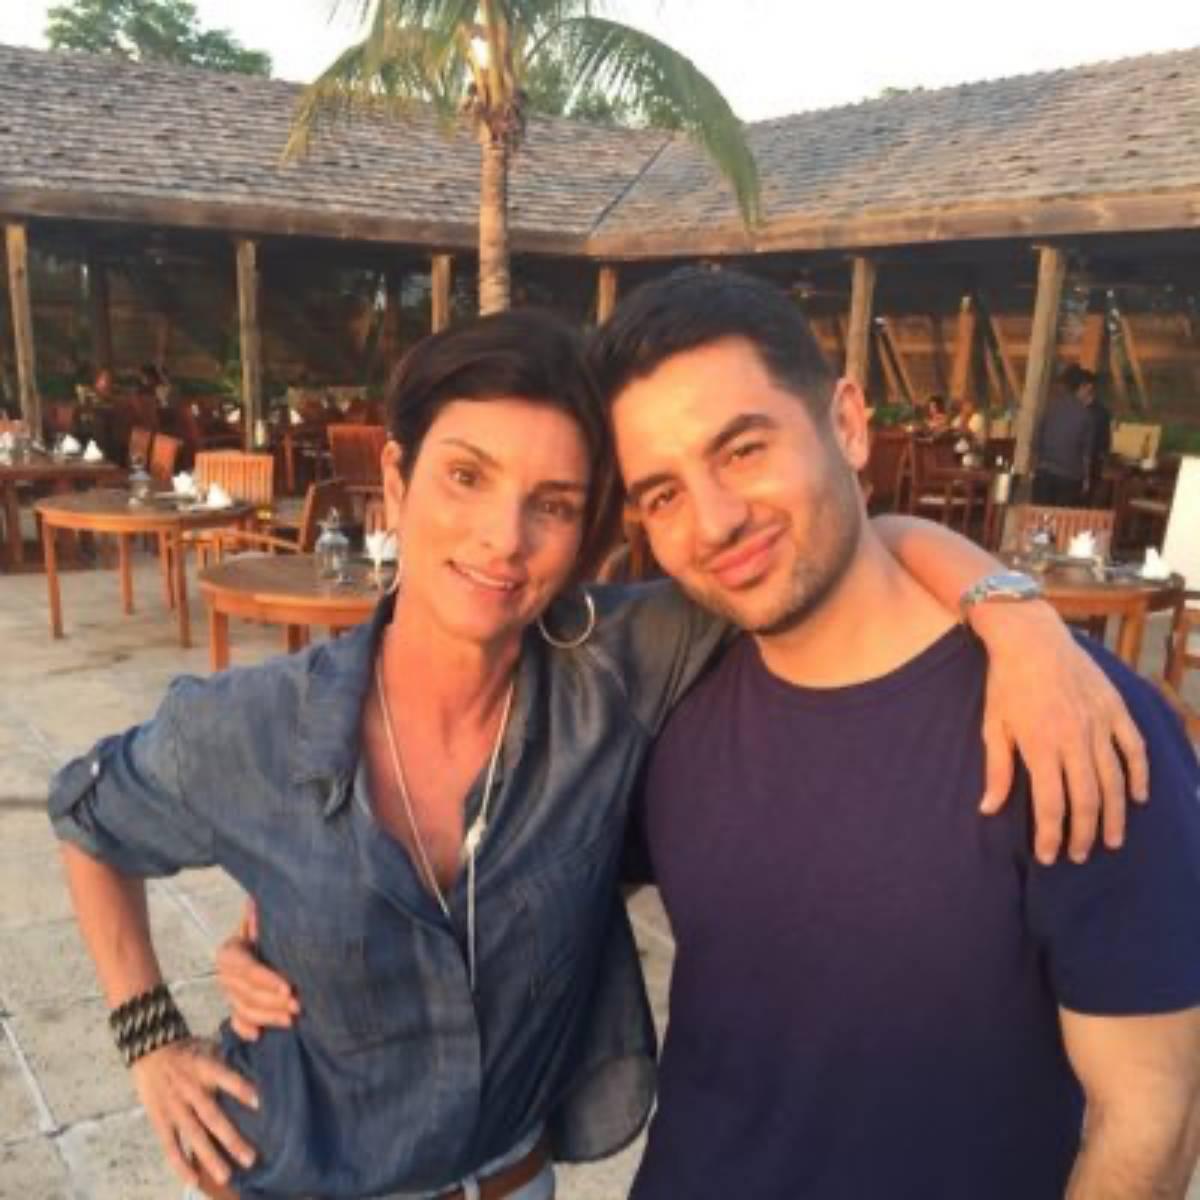 Ingrid Casares e Nico